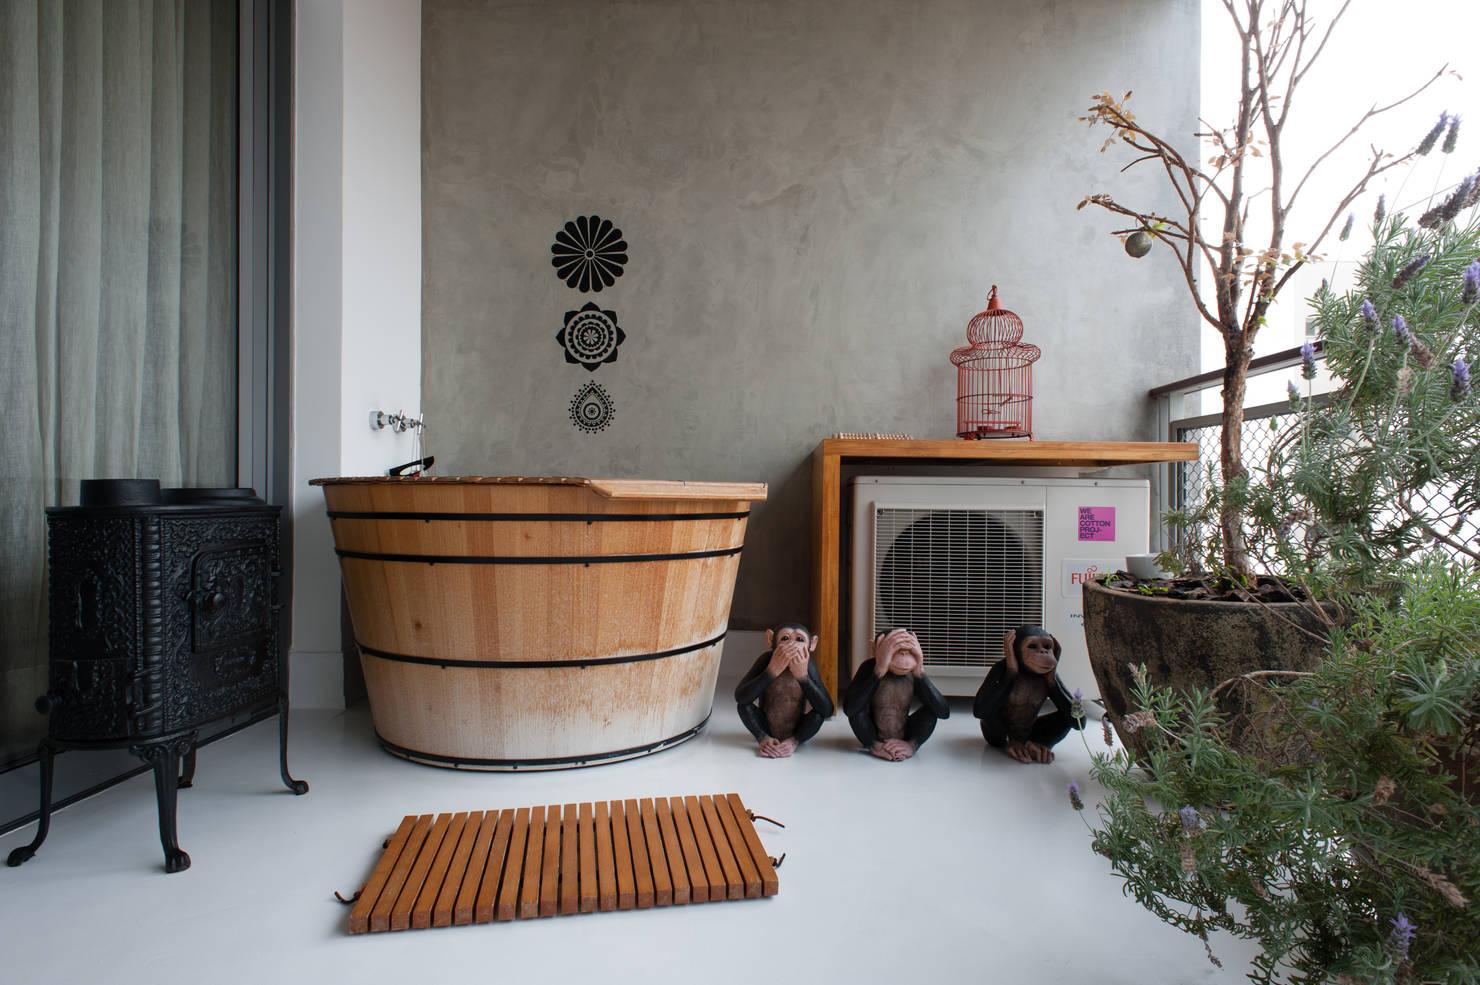 Vinil adesivo: a solução rápida e bonita para a decoração da casa